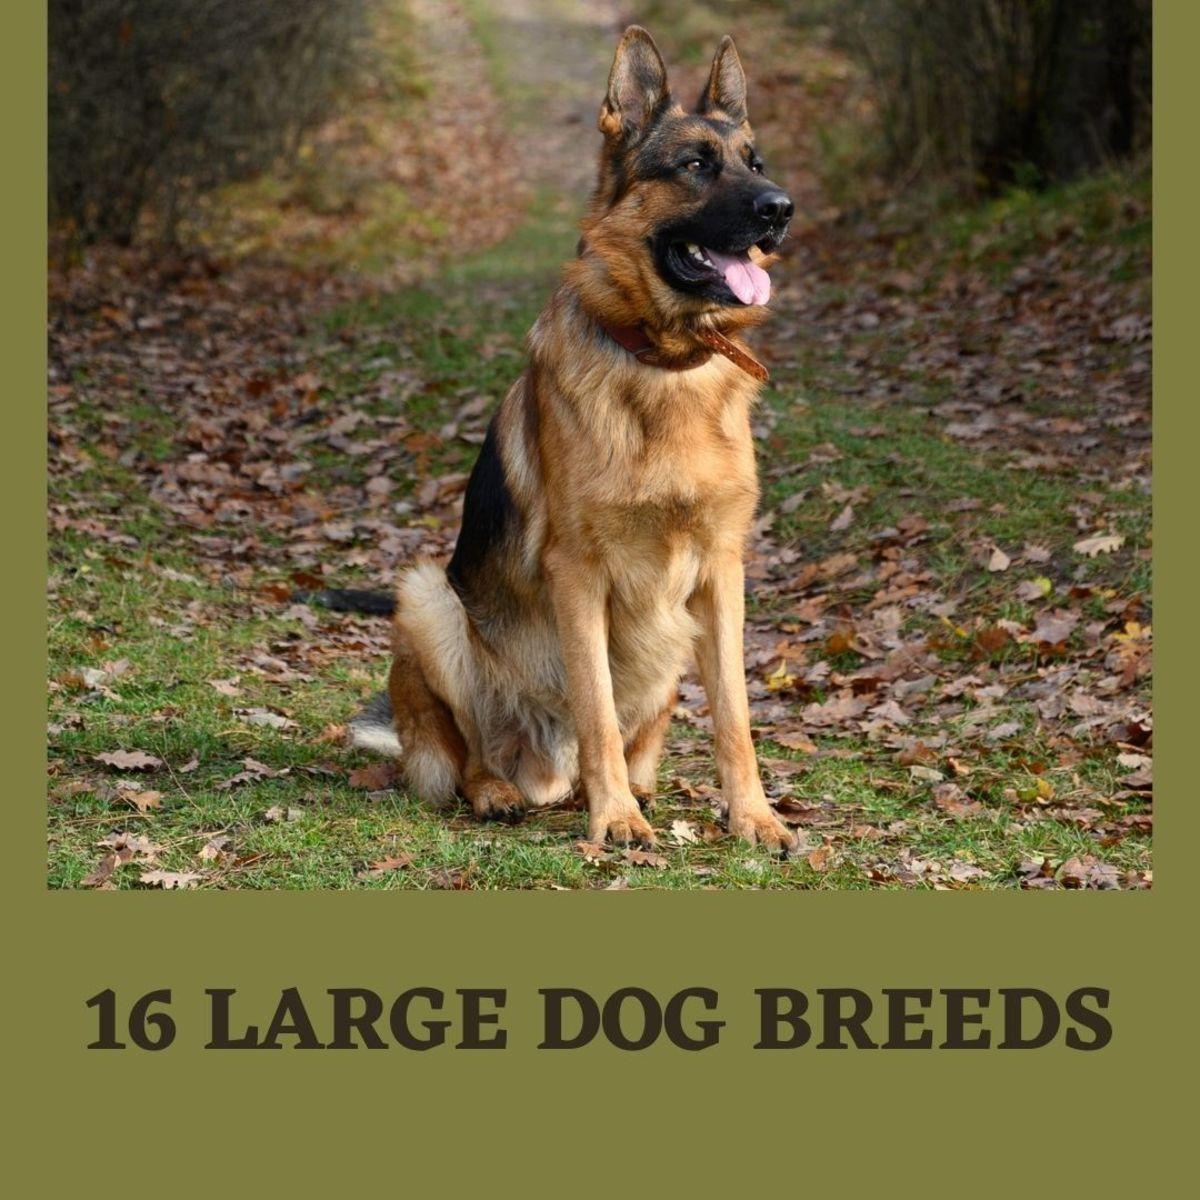 Top 16 Large Dog Breeds